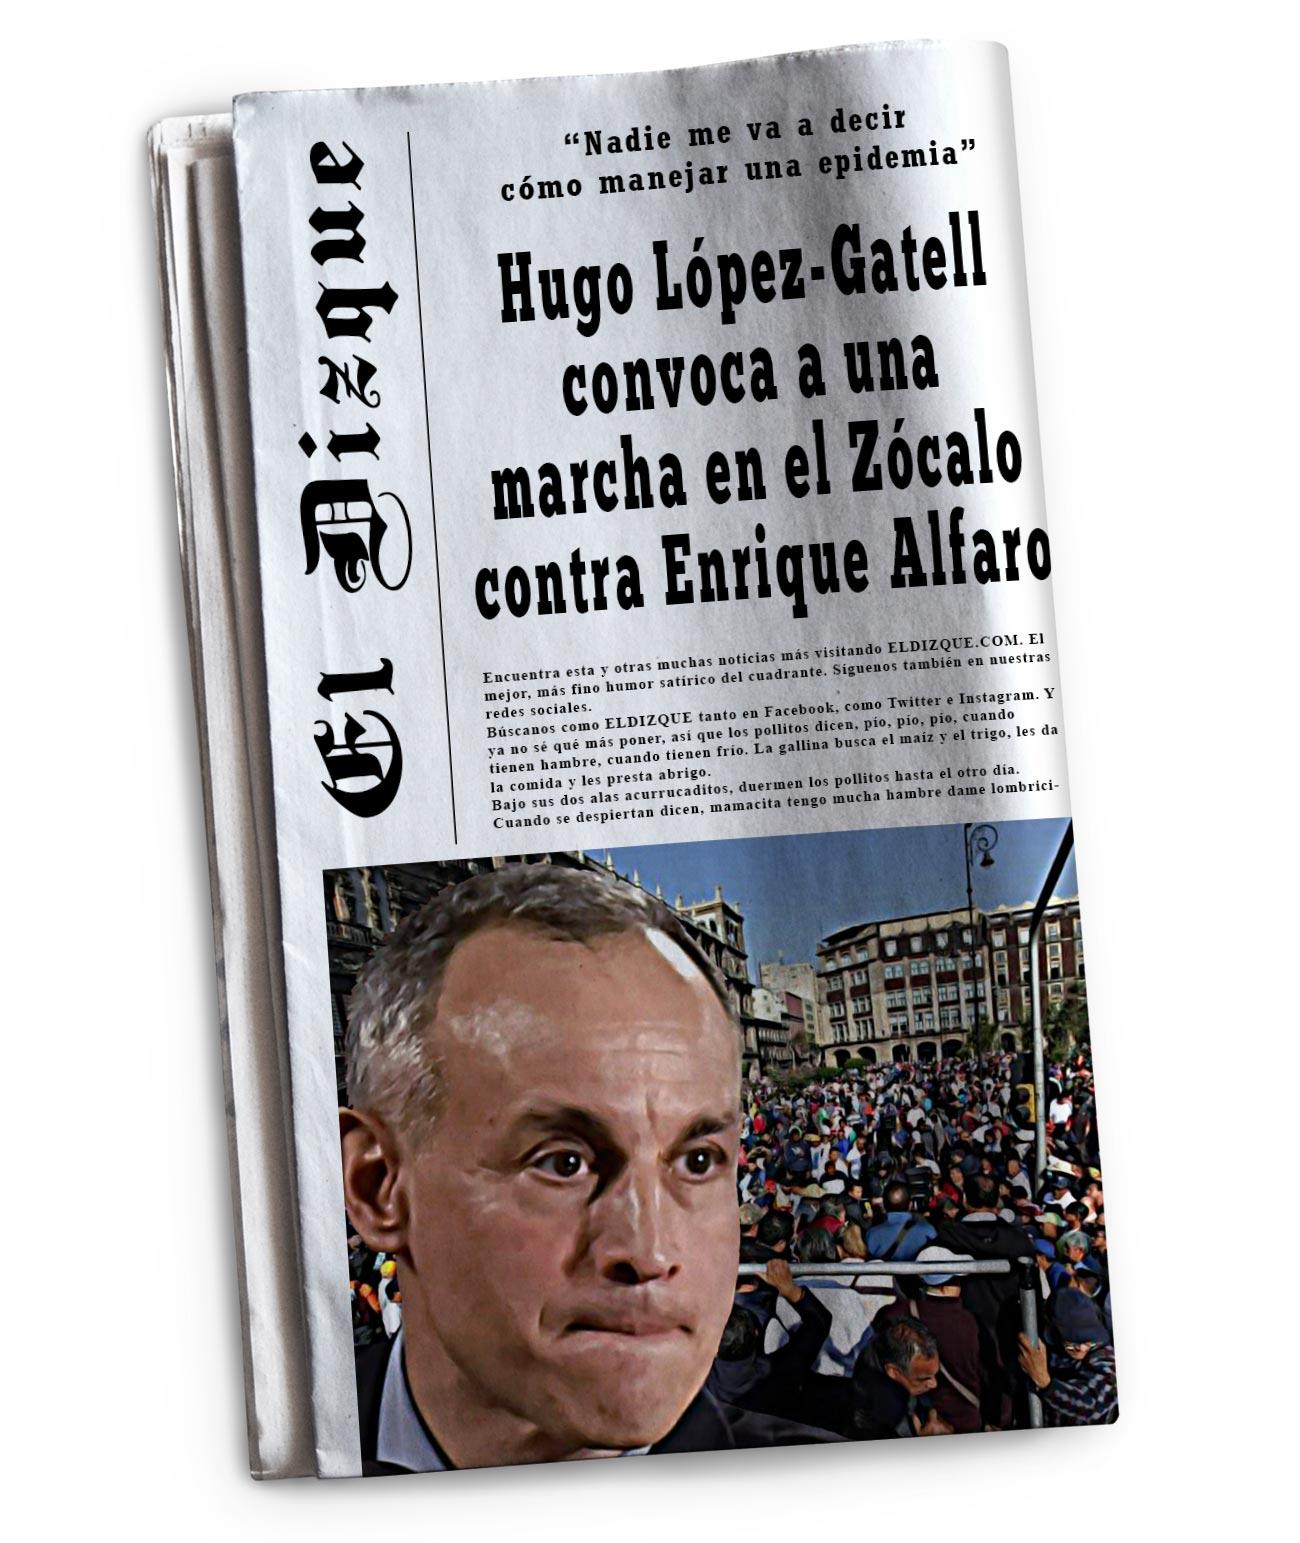 Hugo López-Gatell convoca a una marcha contra Enrique Alfaro